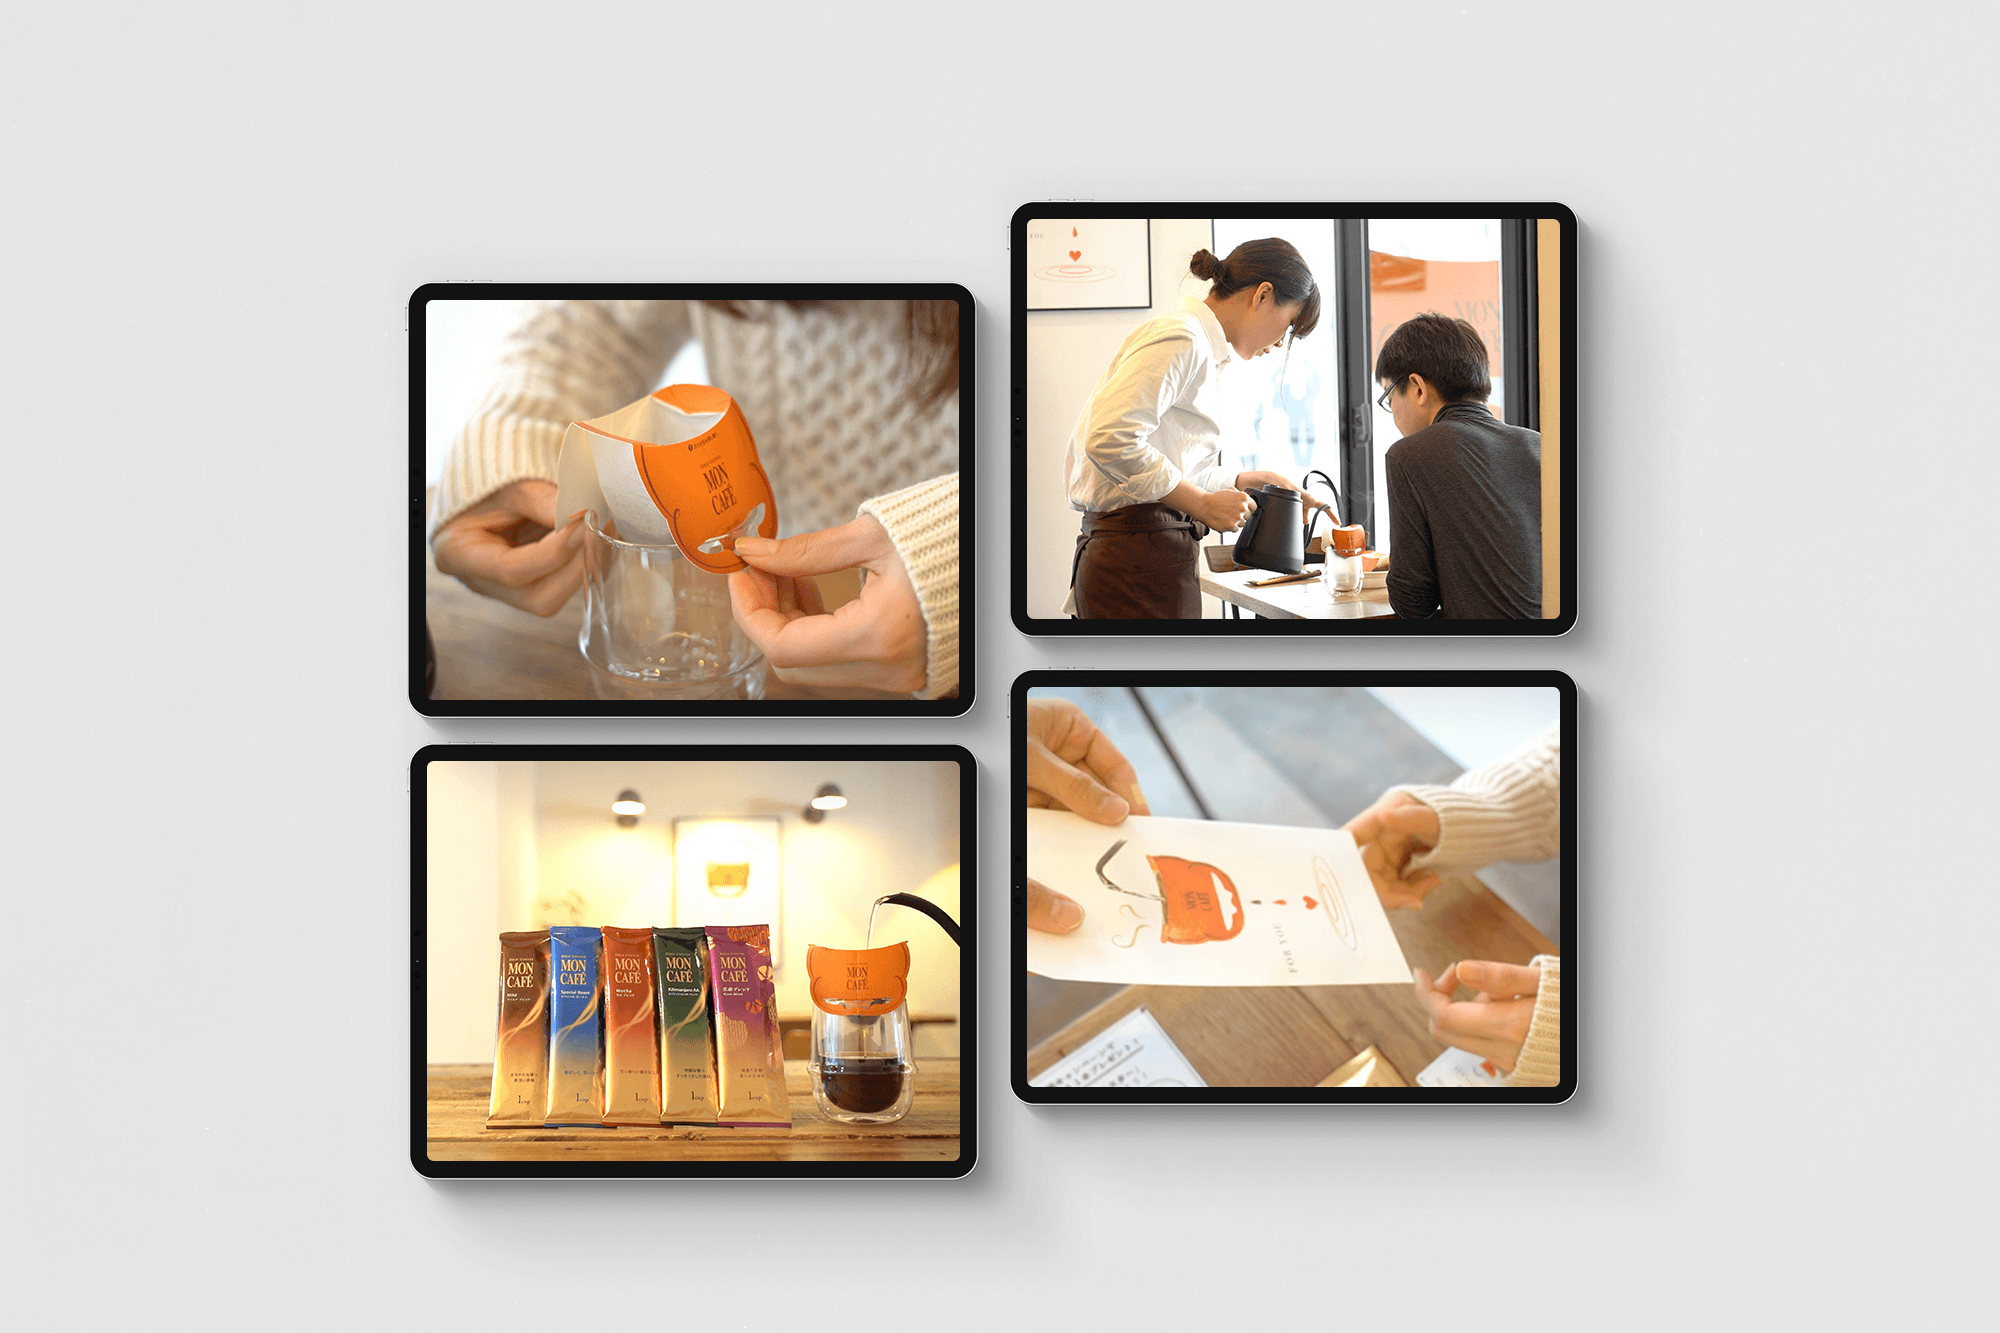 片岡物産株式会社